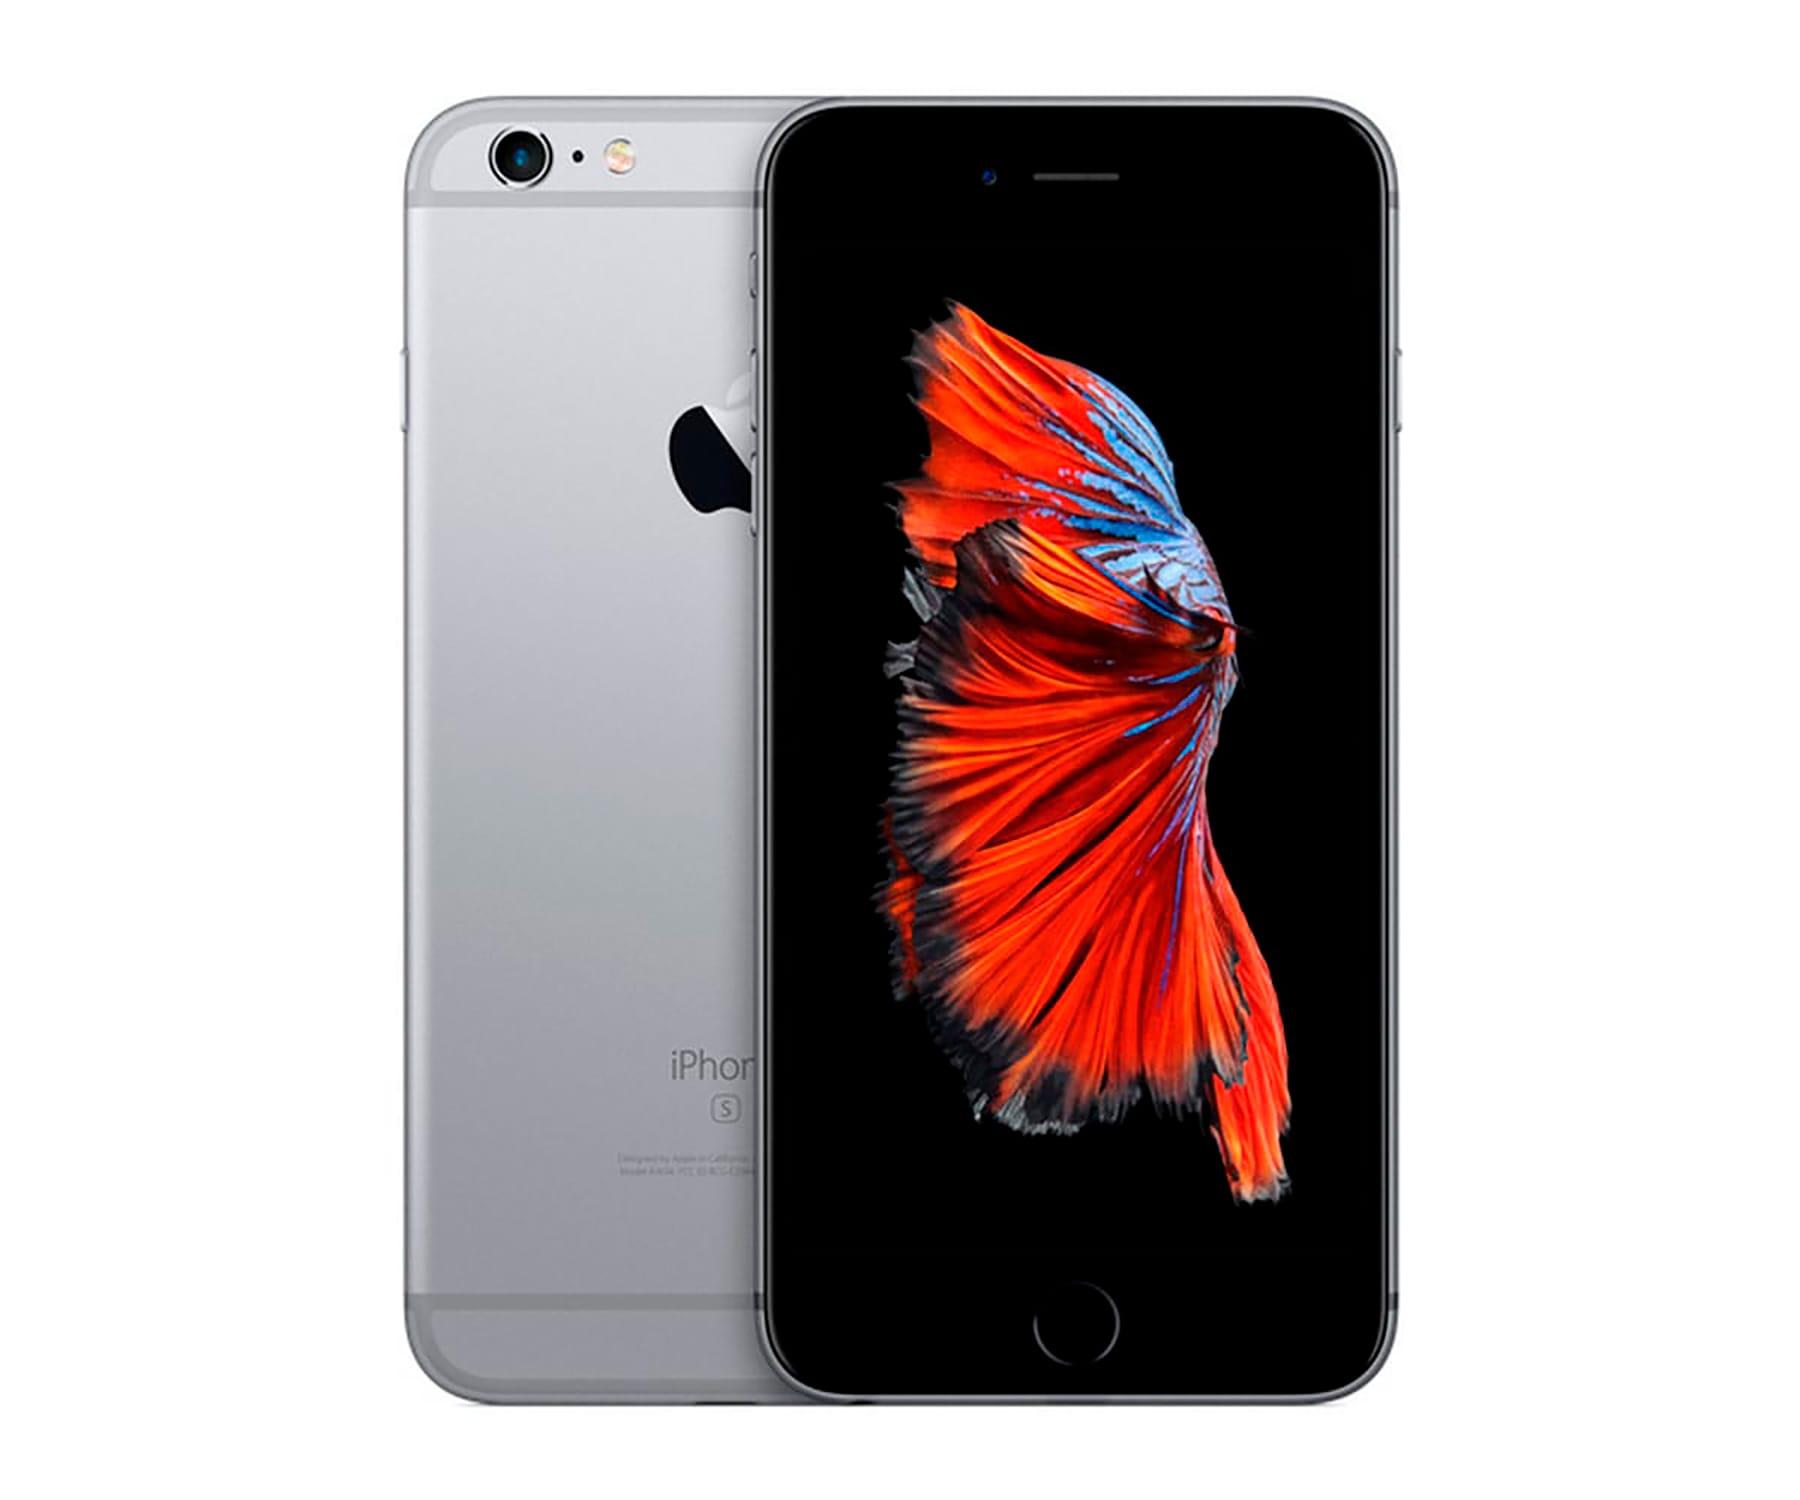 3eedfff7ee5 APPLE IPHONE 6S 64GB GRIS ESPACIAL REACONDICIONADO CPO MÓVIL 4G 4.7''  RETINA HD/2CORE/64GB/2GB RAM/12MP/5MP